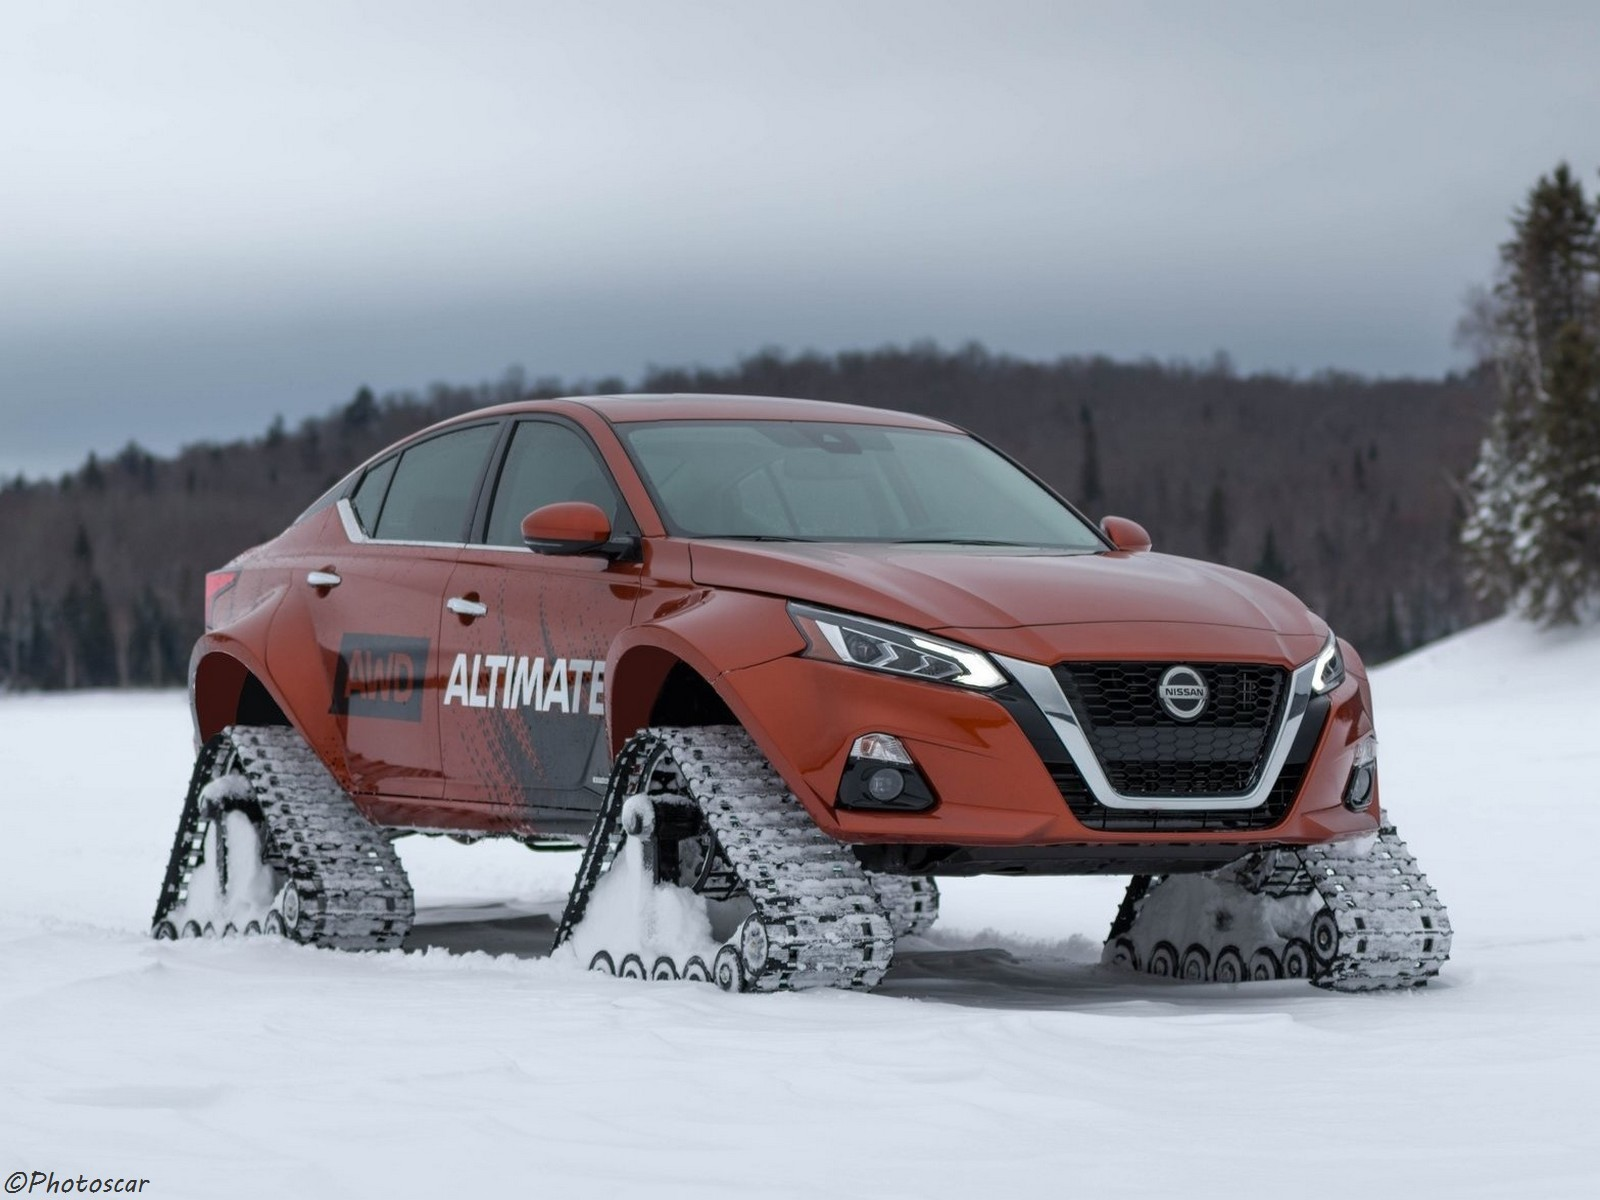 Nissan Altima te AWD Concept 2019 – Nouveau prototype avec chenilles